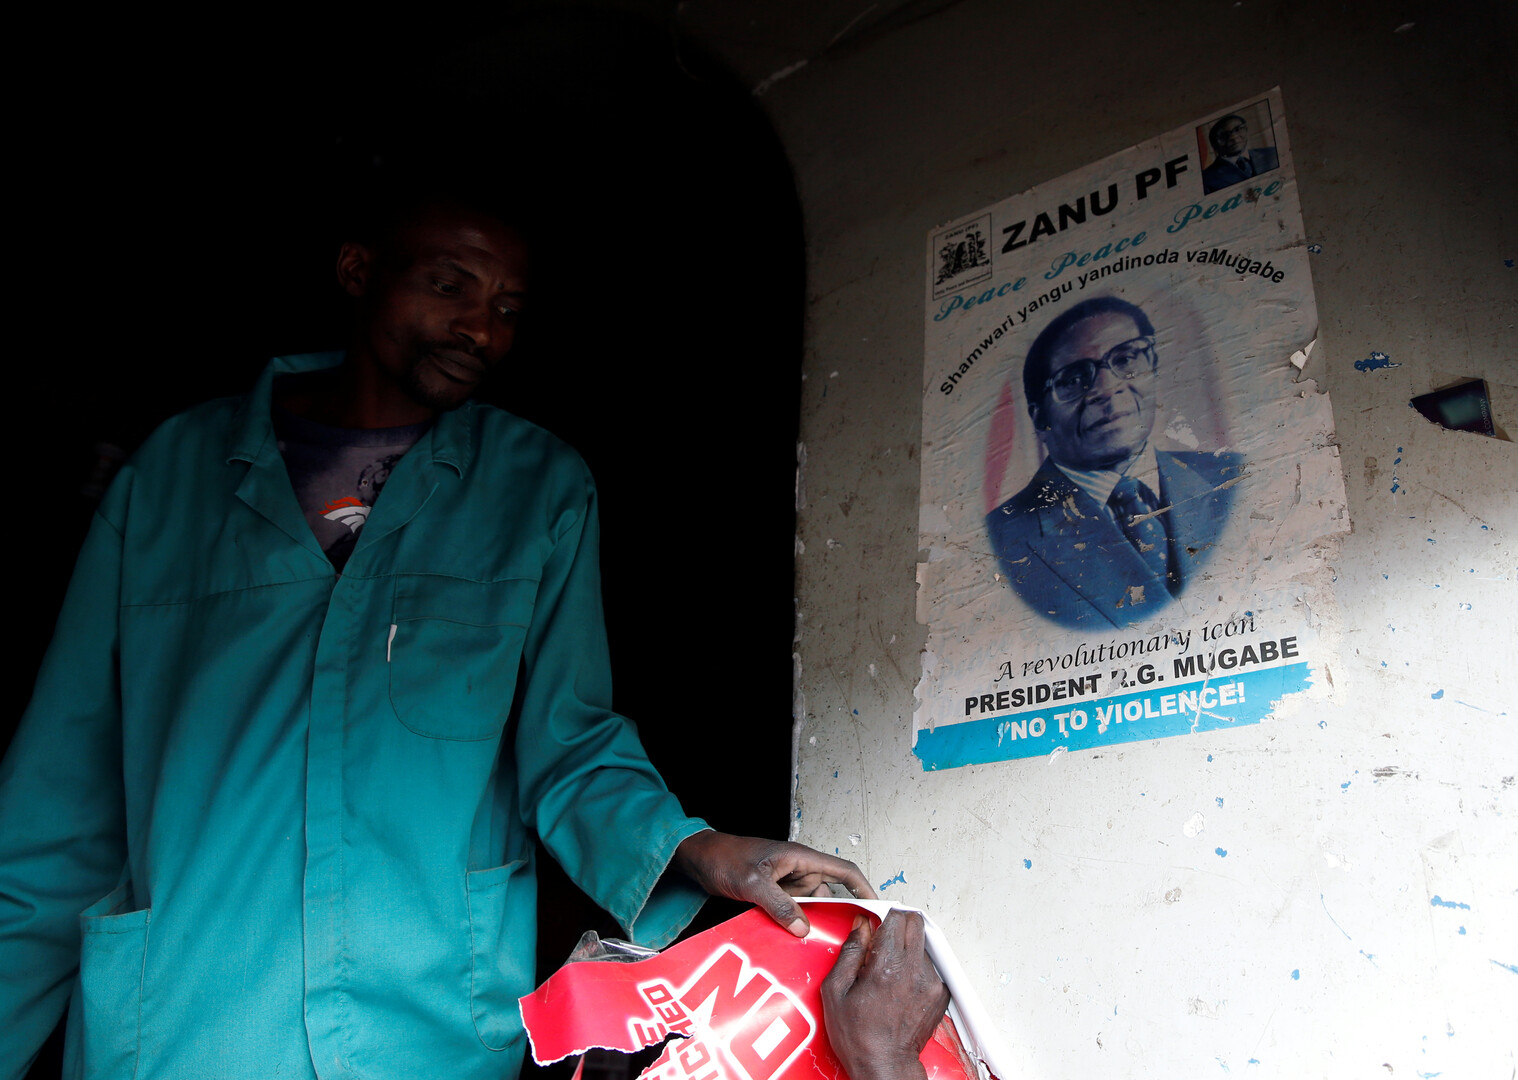 صراع بين قيادة زيمبابوي وعائلة موغابي بشأن جنازة الرئيس الراحل